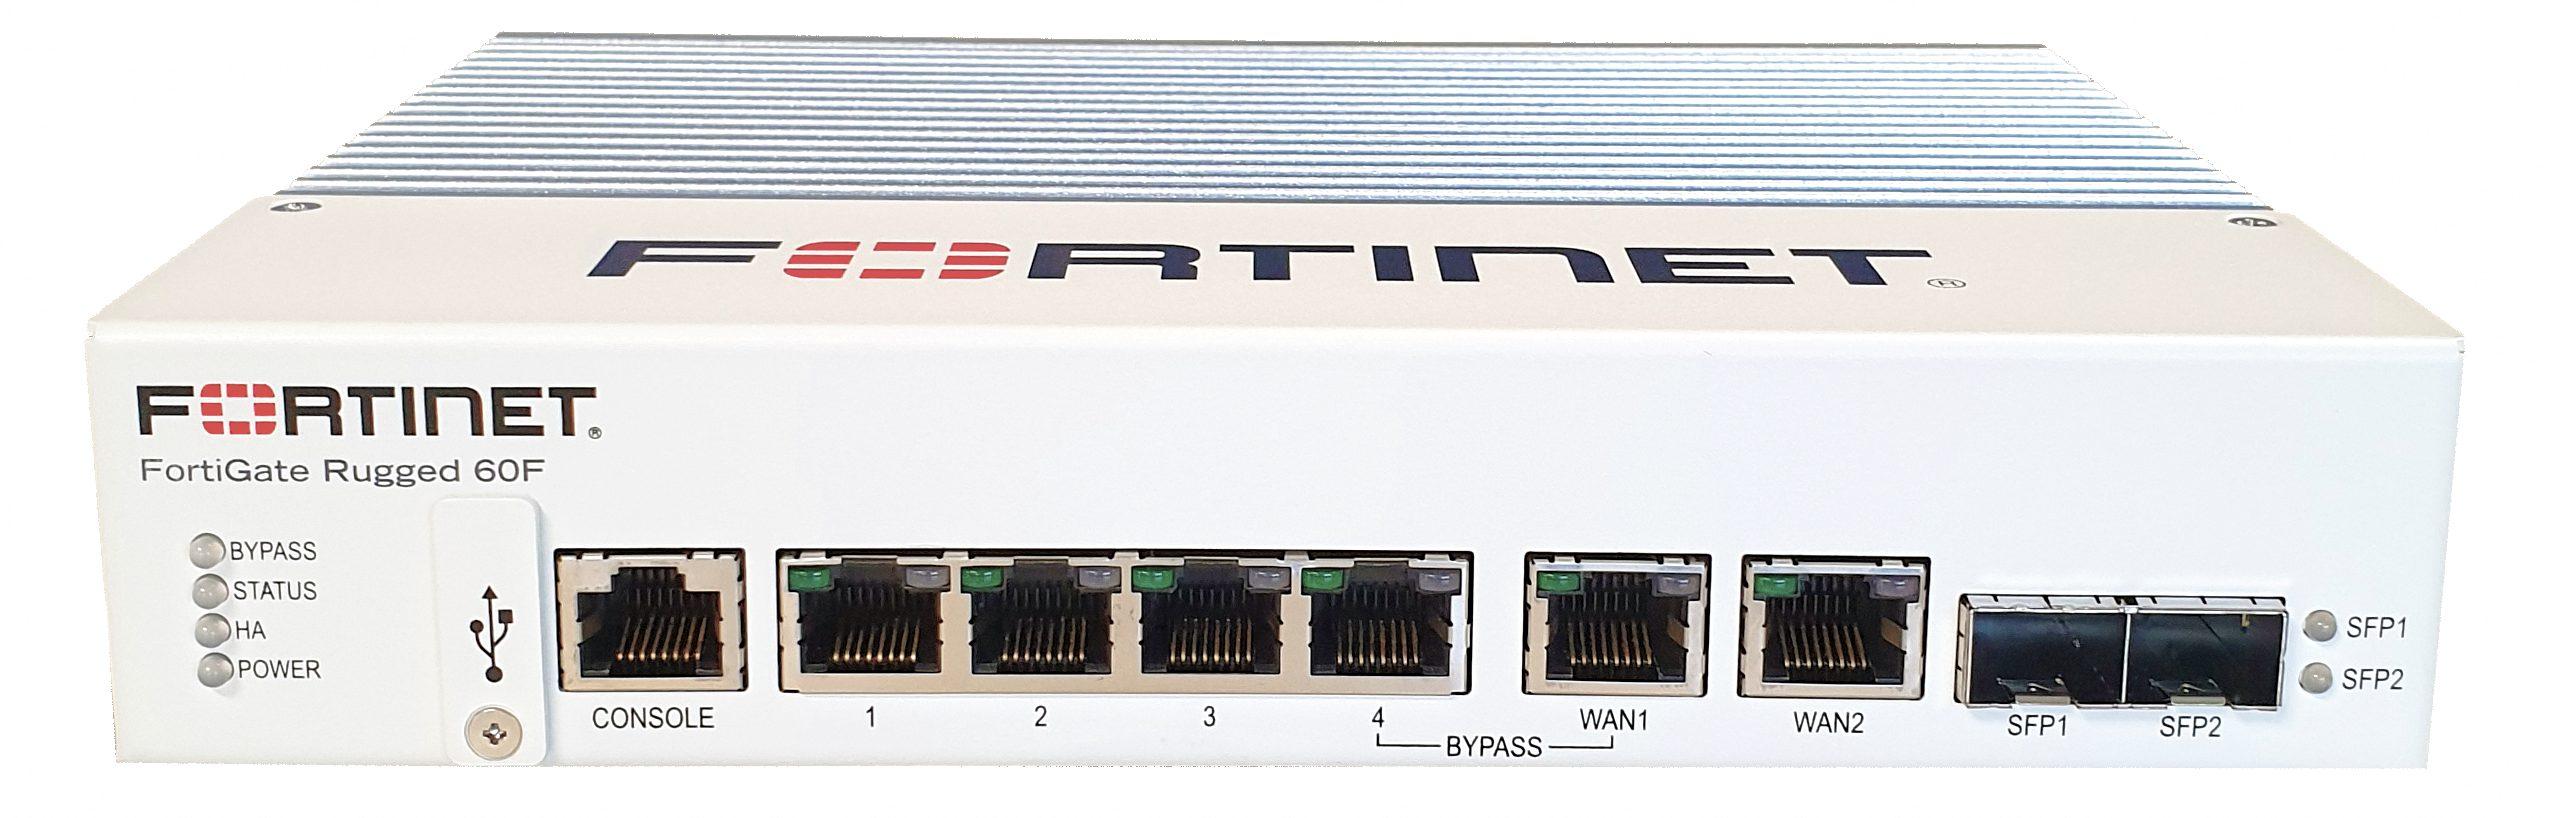 Sichere SD-WAN-Appliances für OT-Umgebungen